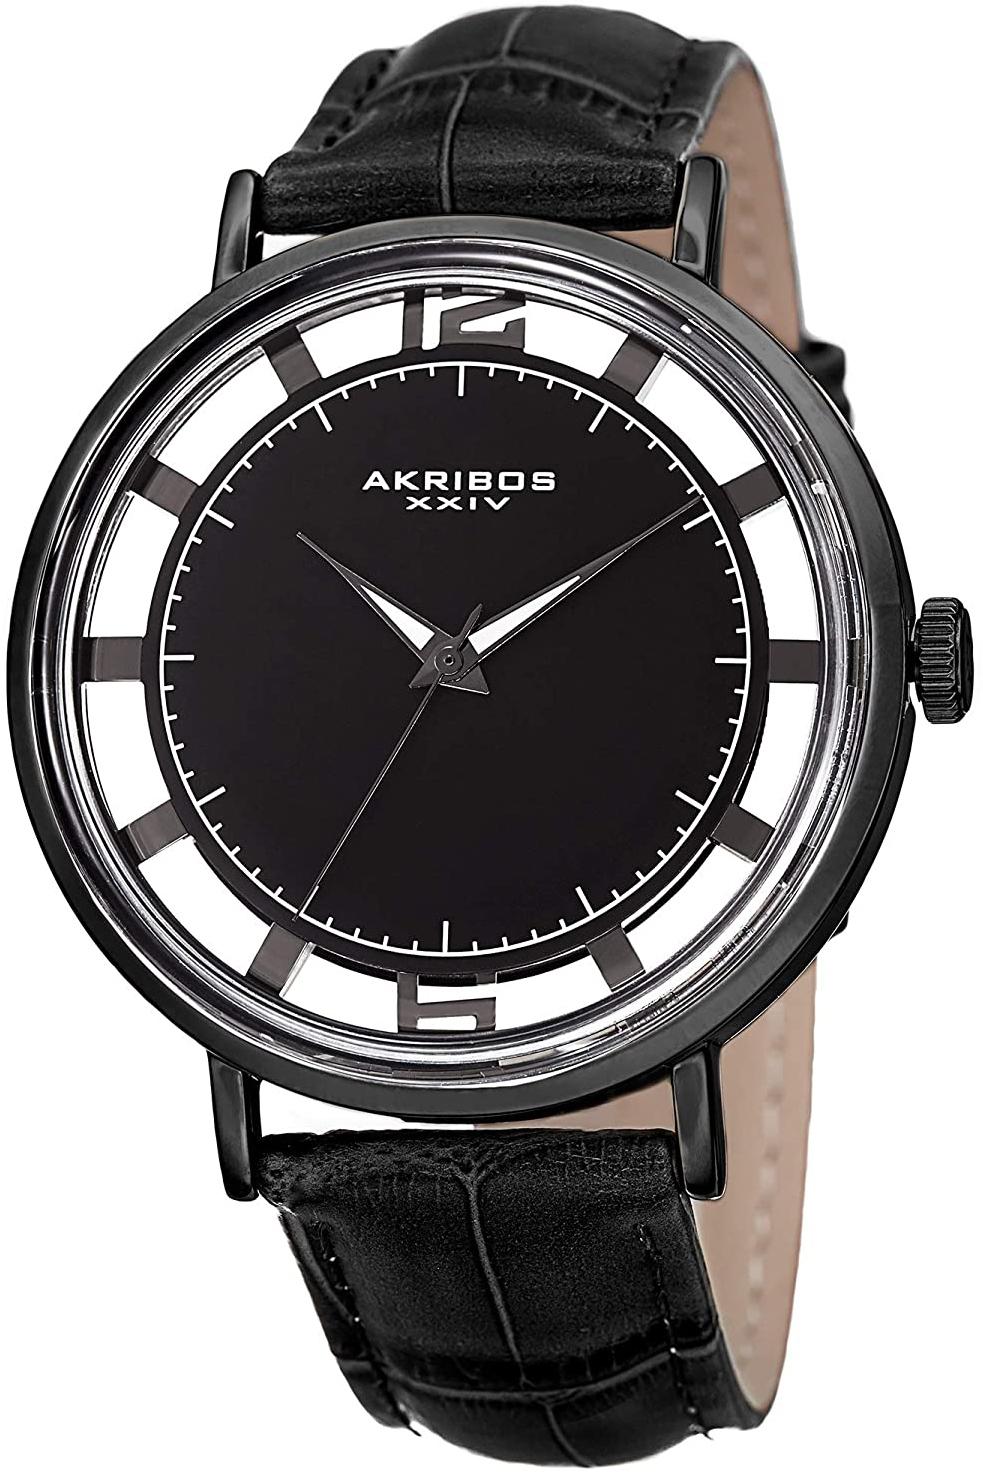 Akribos XXIV 99999 Miesten kello AK860BK Musta/Nahka Ø43 mm